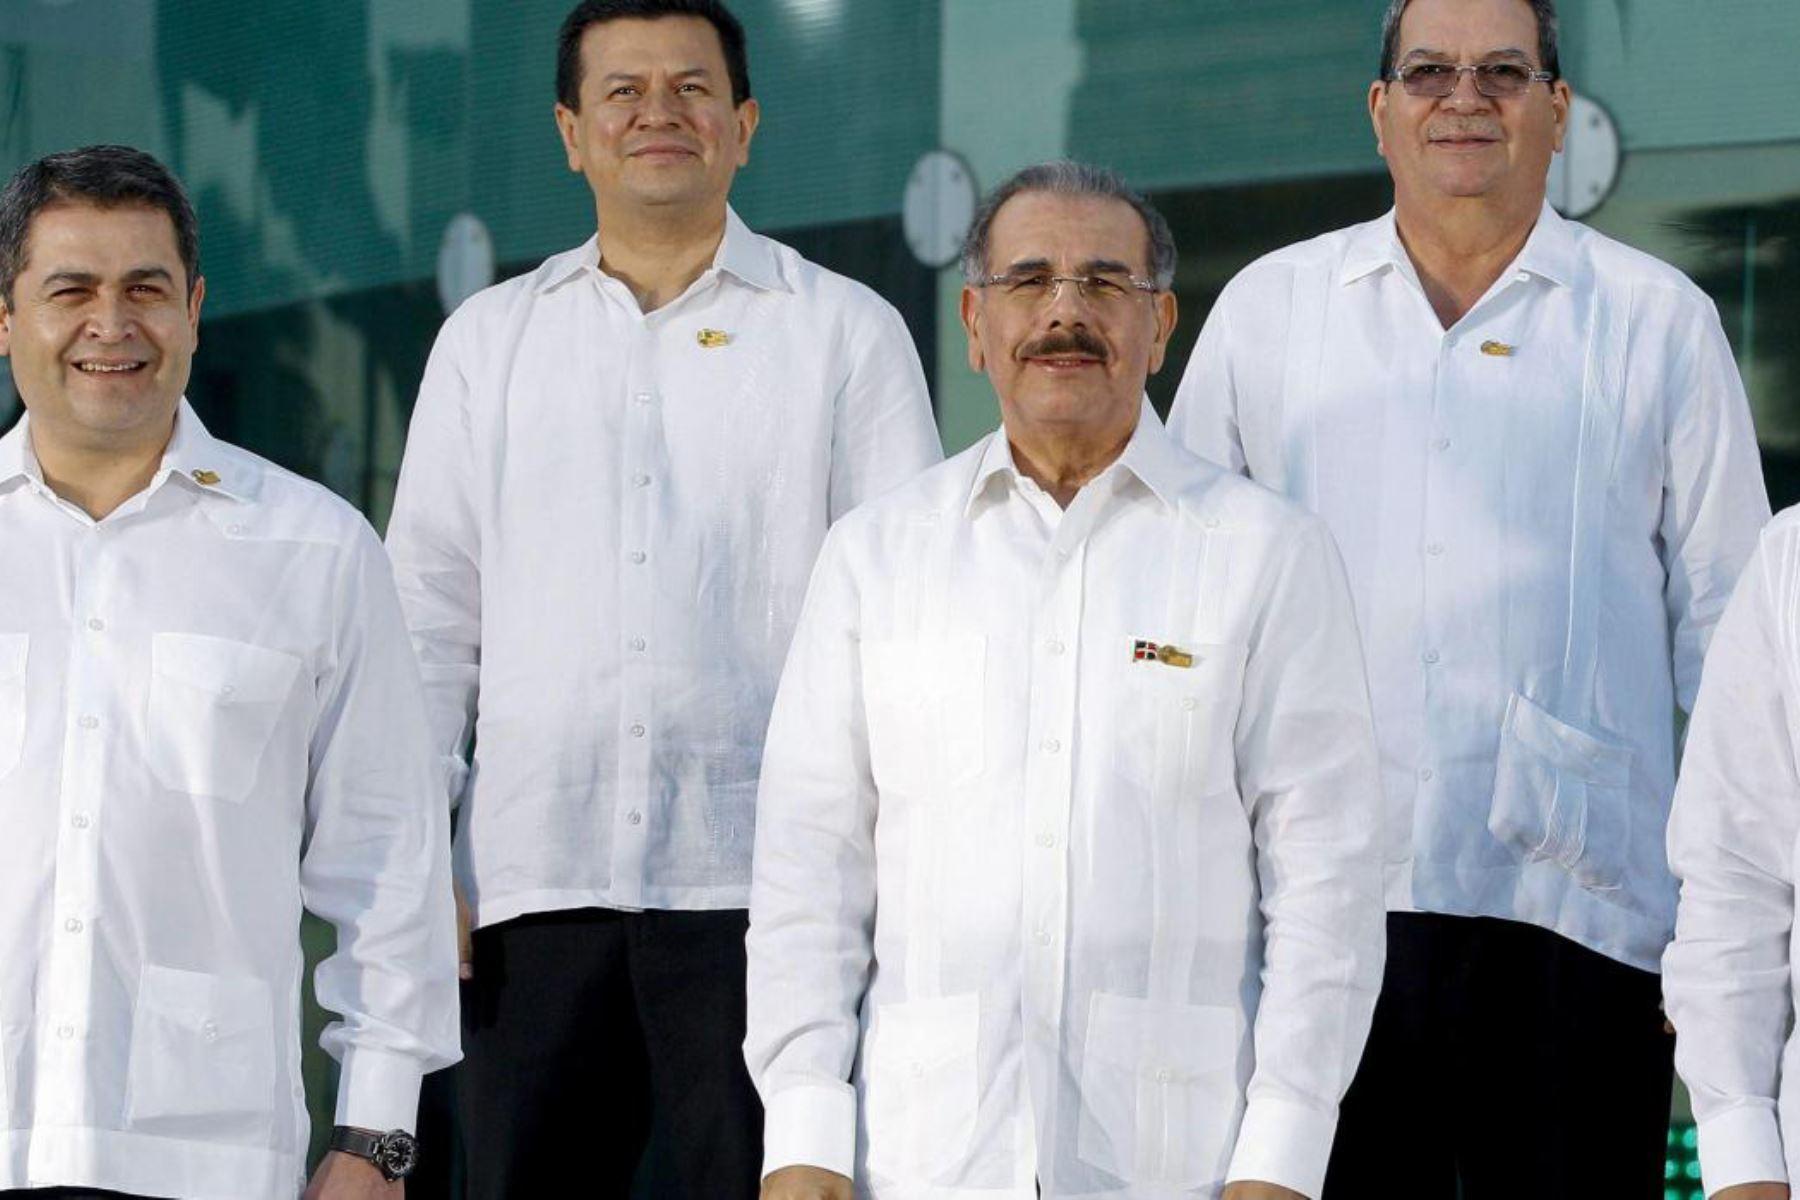 El presidente dominicano, Danilo Medina (en el centro), y algunos de sus funcionarios suelen asistir con guayaberas a algunos actos, especialmente a presentaciones o inauguraciones de hoteles. (Foto: EFE)